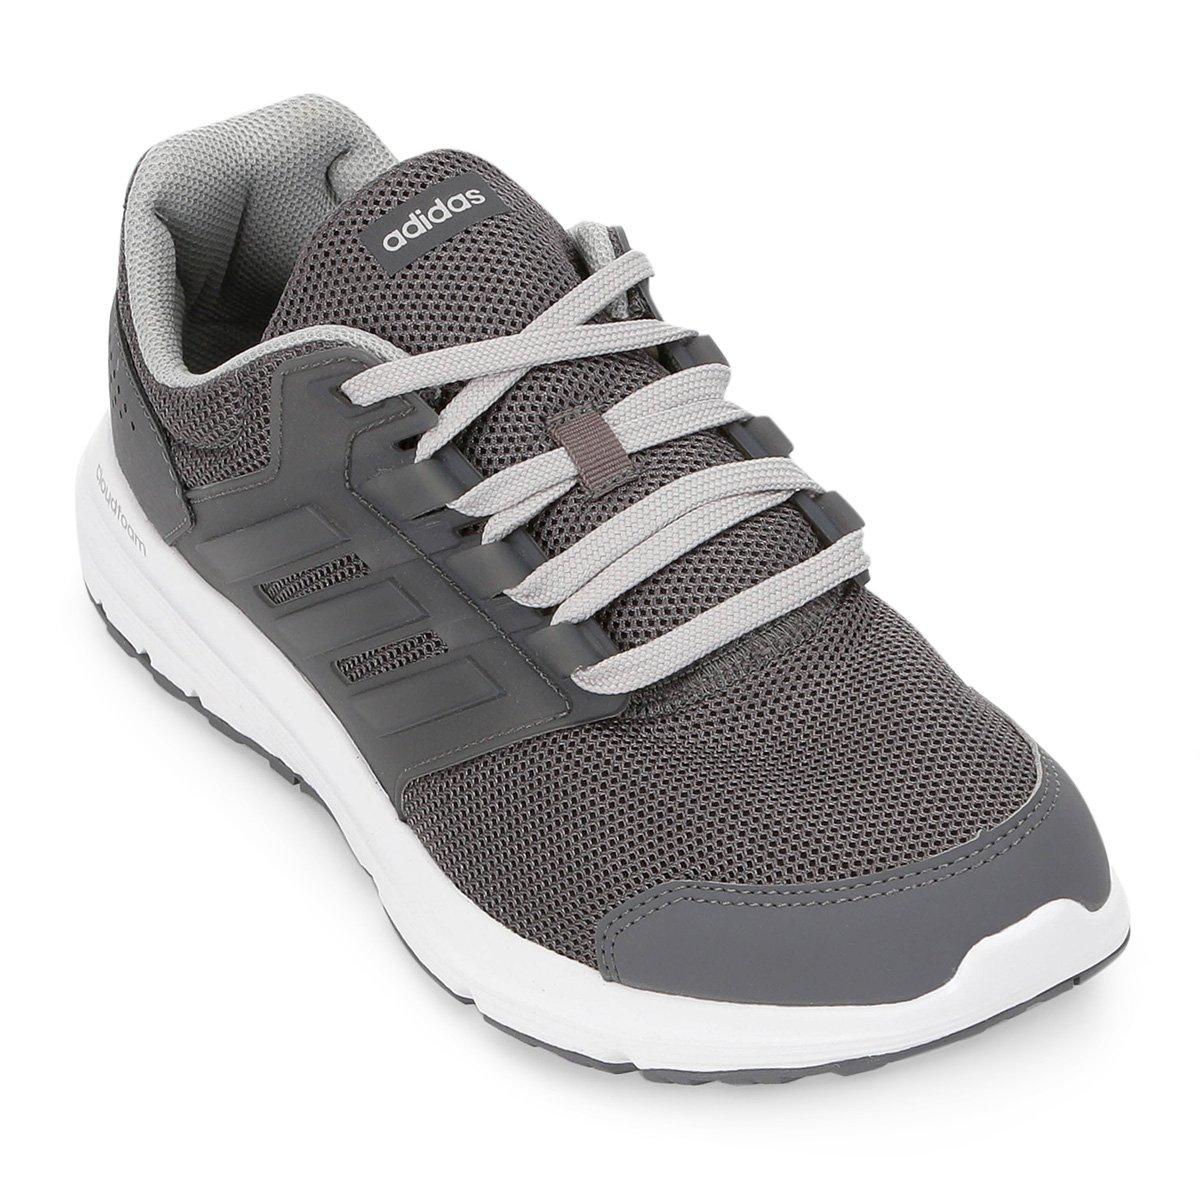 8ce6d4e40 Tênis Adidas Galaxy 4 Masculino - Cinza - Compre Agora